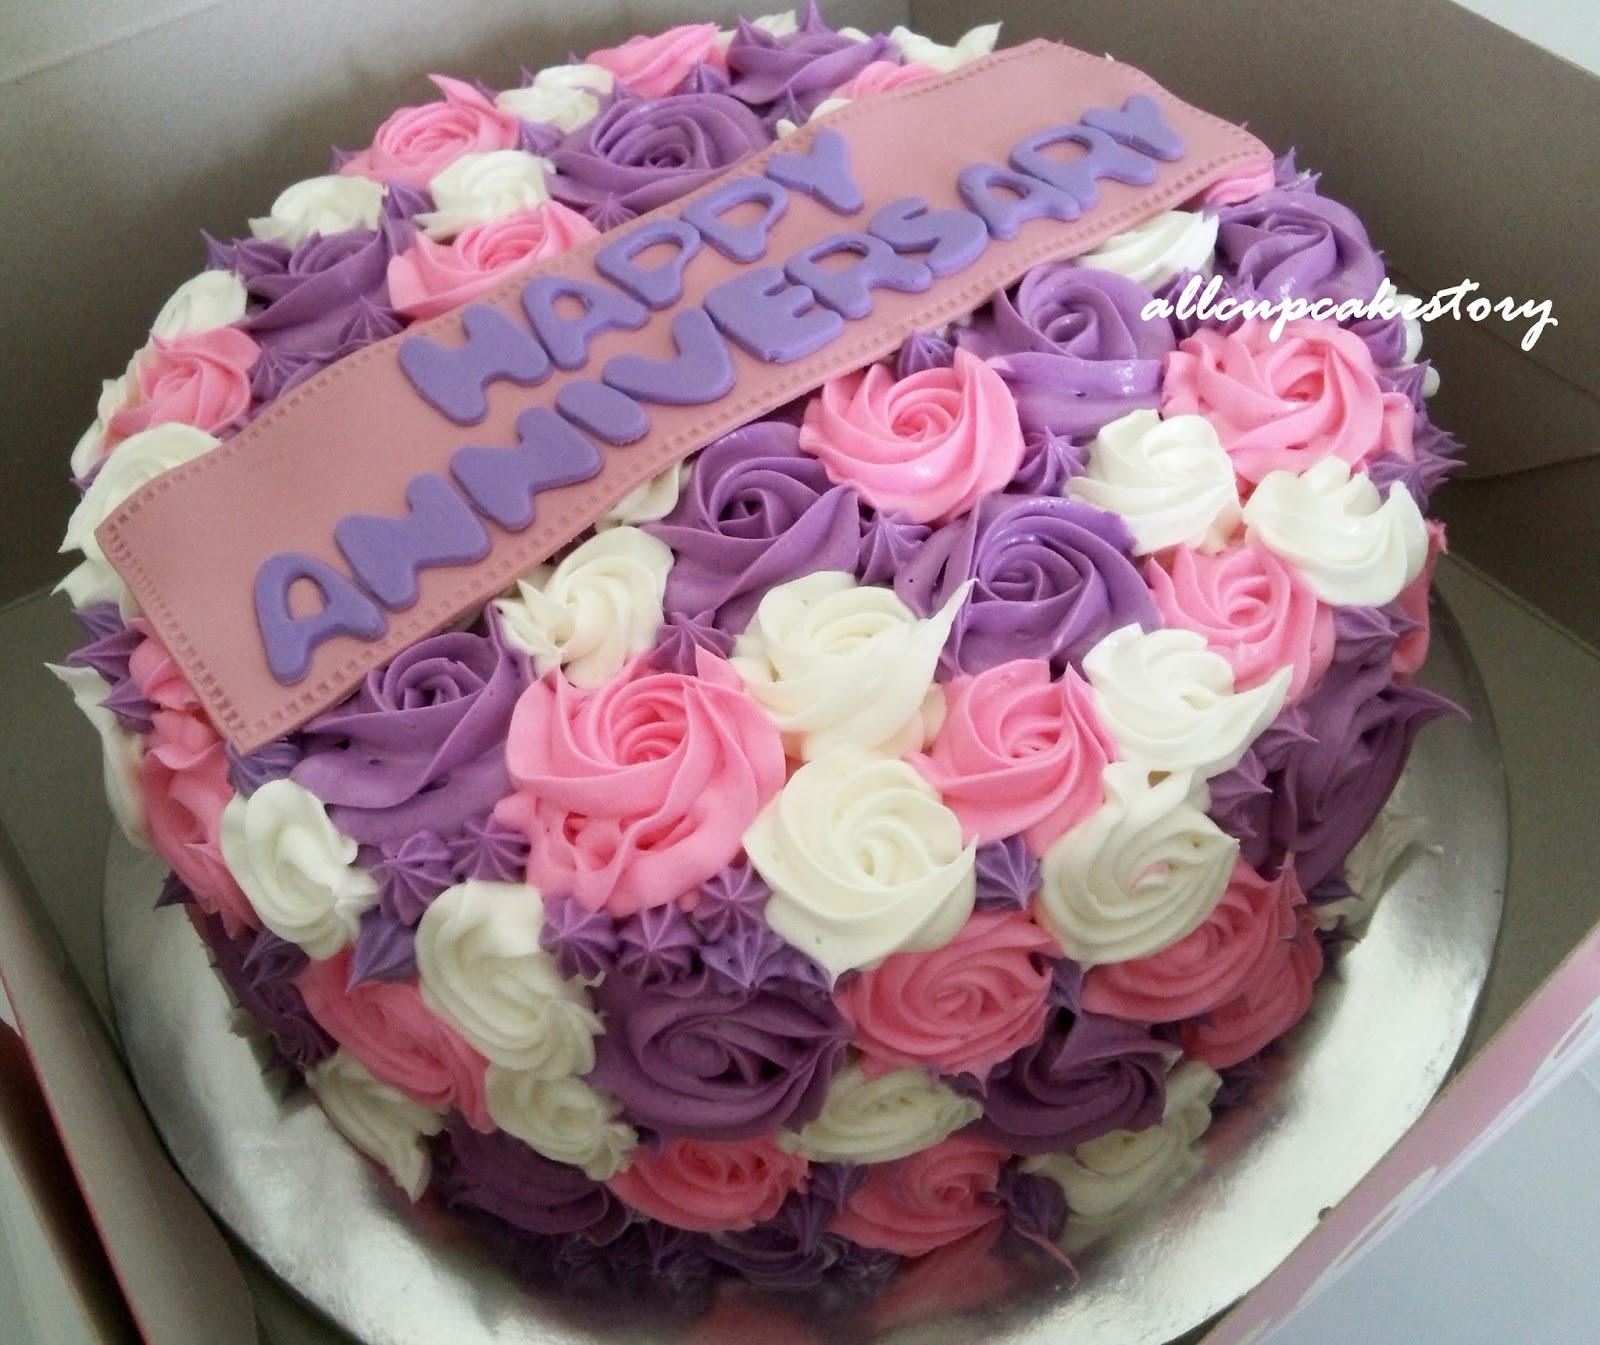 Rosette Cake Design : allcupcakestory: Rosette Anniversary Cake